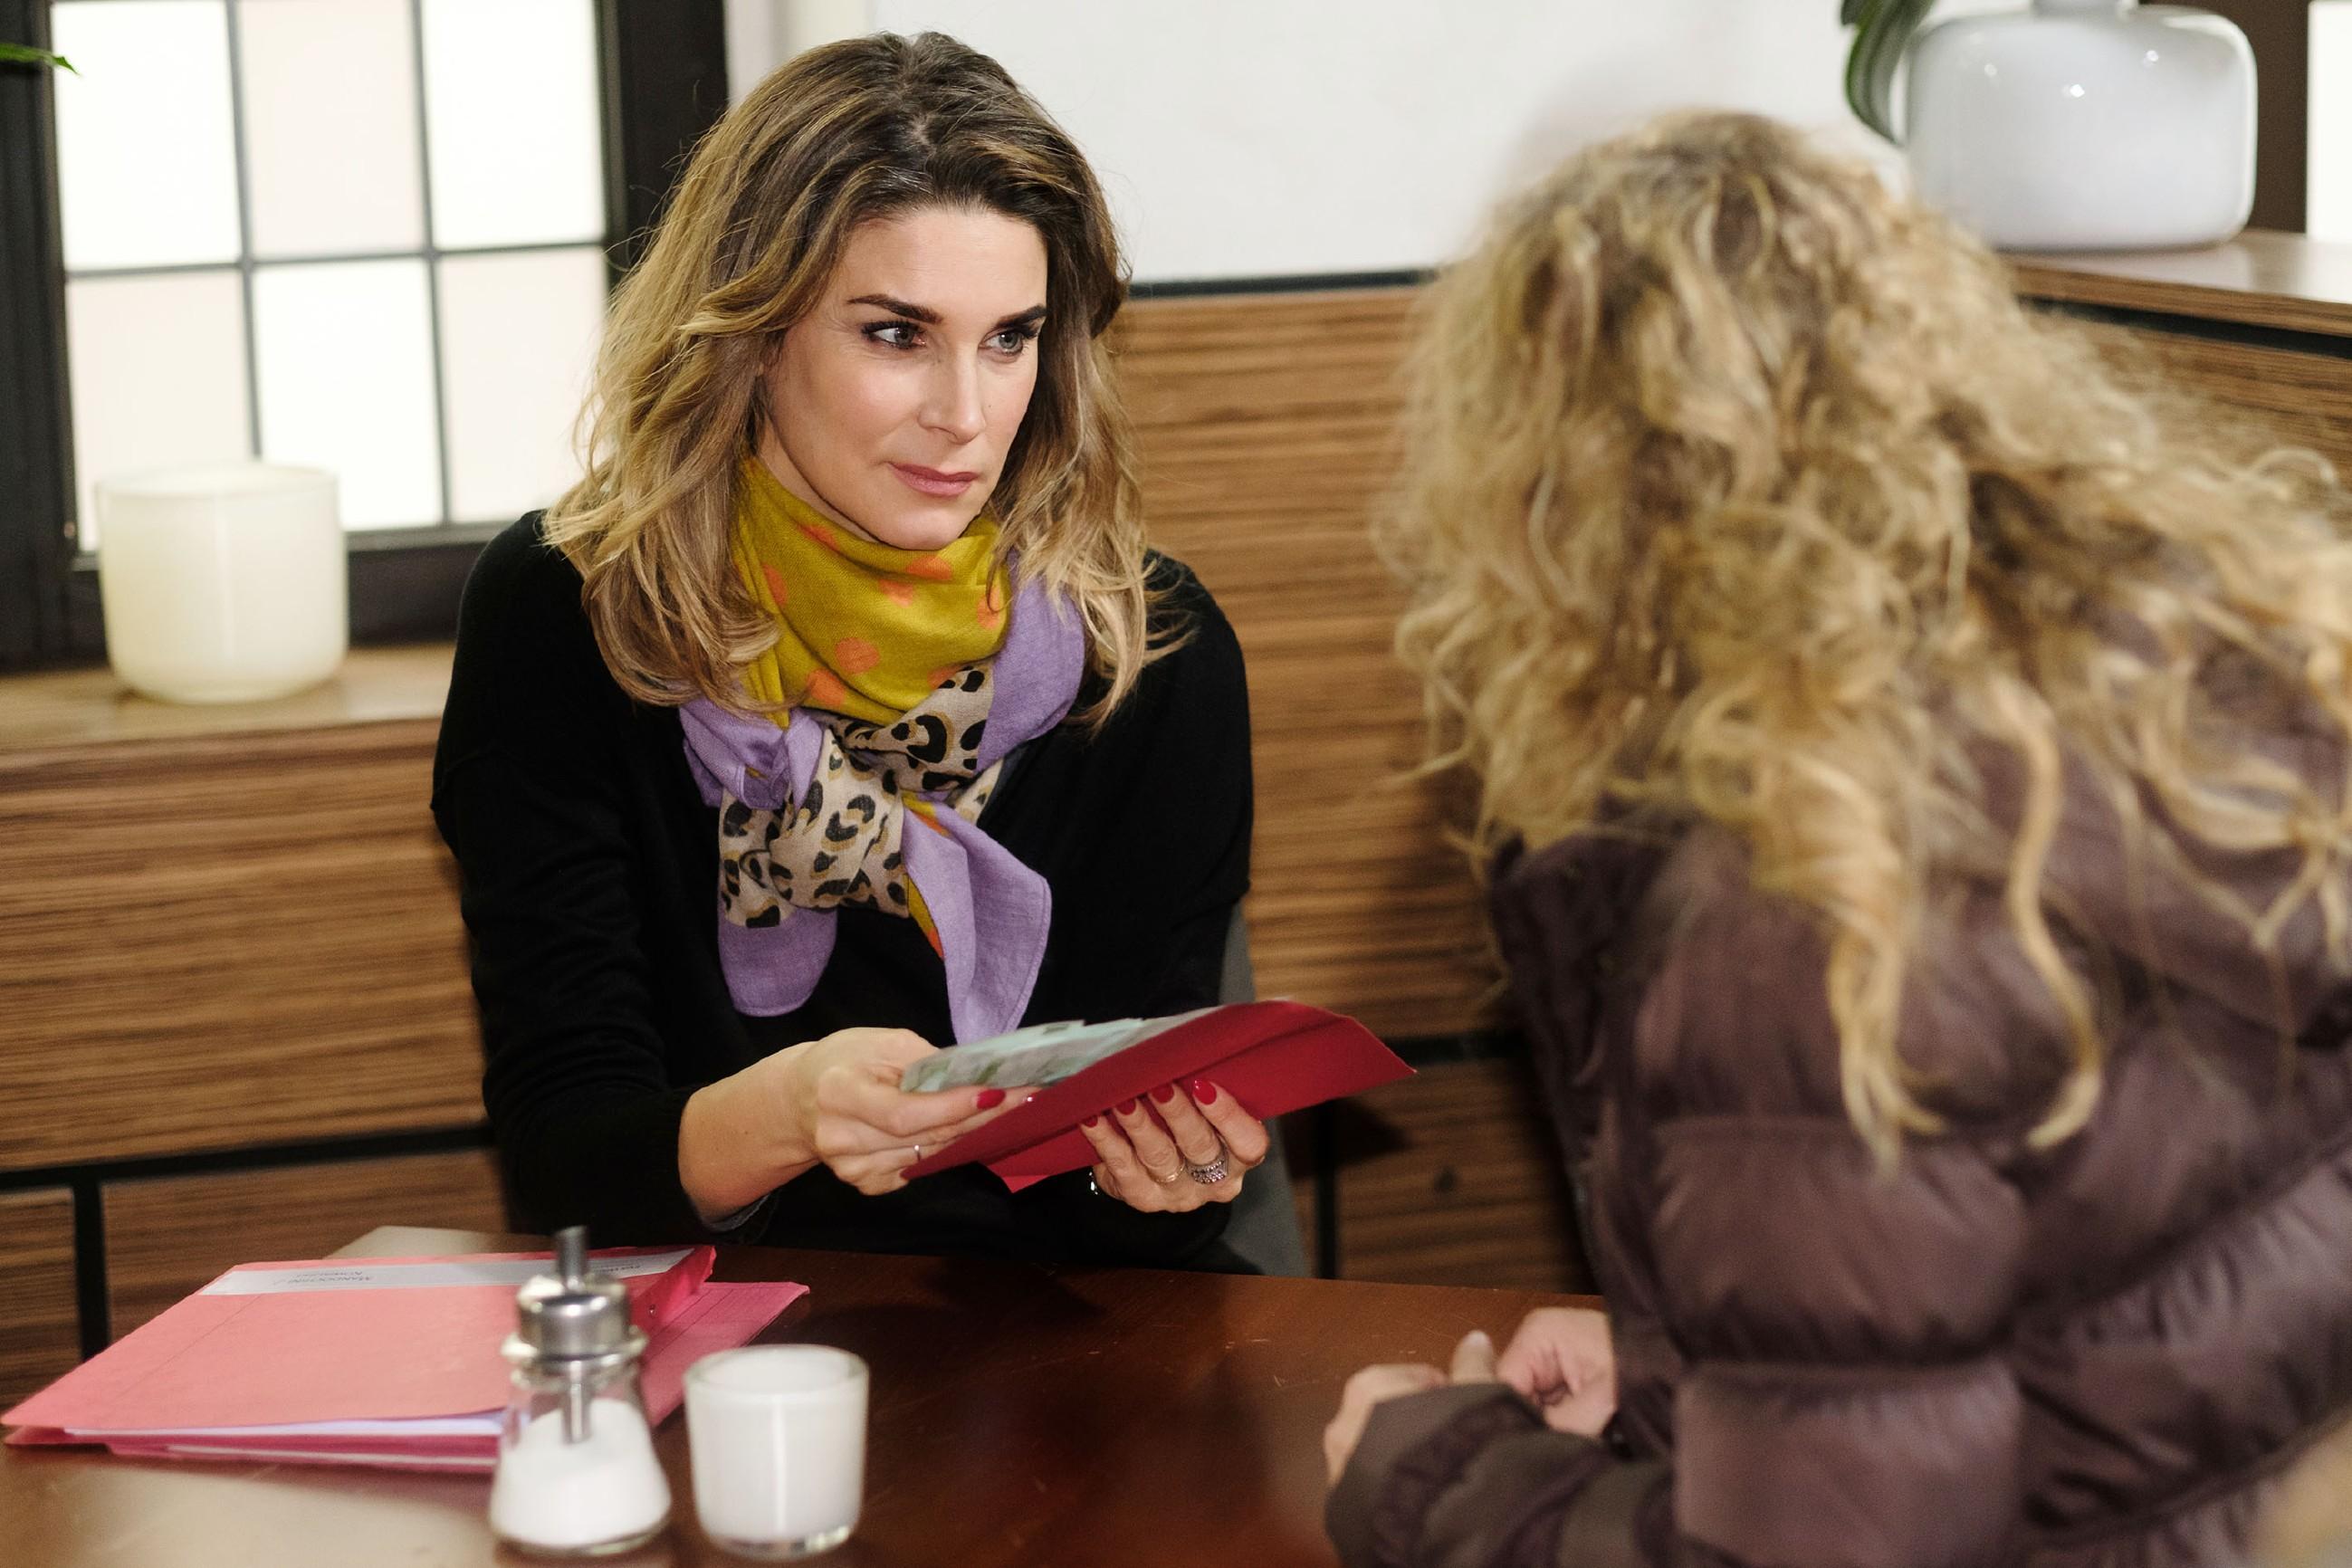 Eva (Claudelle Deckert, l.) trifft sich mit Silke Kurz (Silvia de Leonardis) und wird vor eine schwere Entscheidung gestellt... (Quelle: RTL / Stefan Behrens)